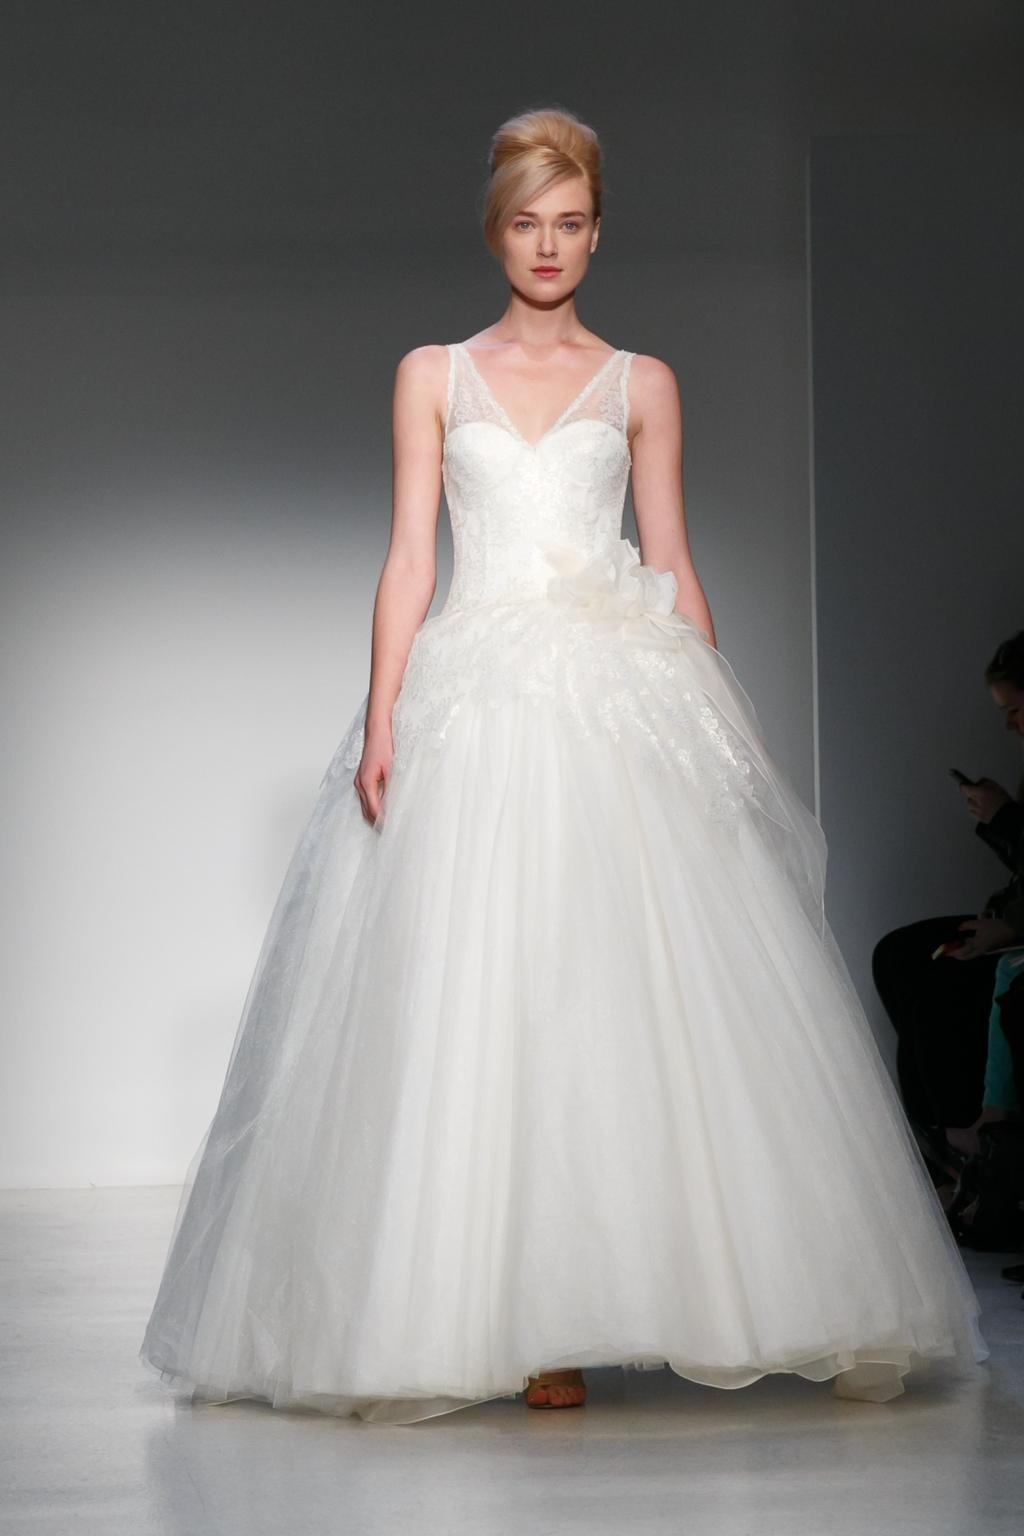 Fall-2013-wedding-dress-kenneth-pool-by-amsale-bridal-gowns-11.full